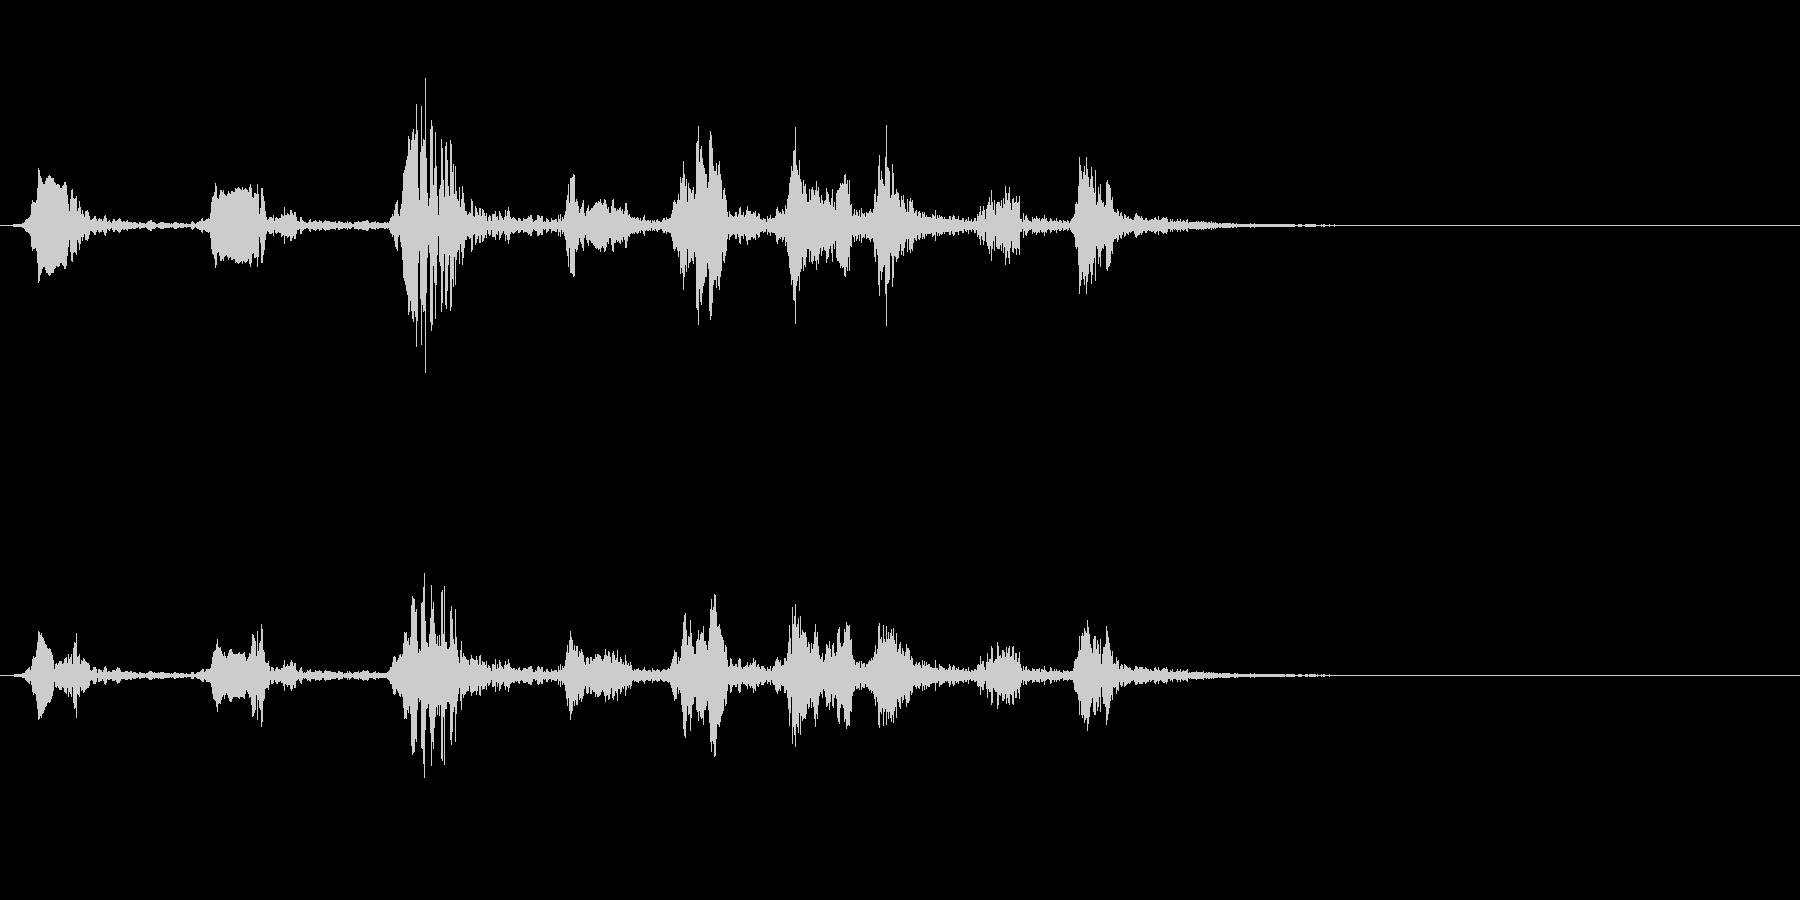 アカハラの鳴き声の未再生の波形